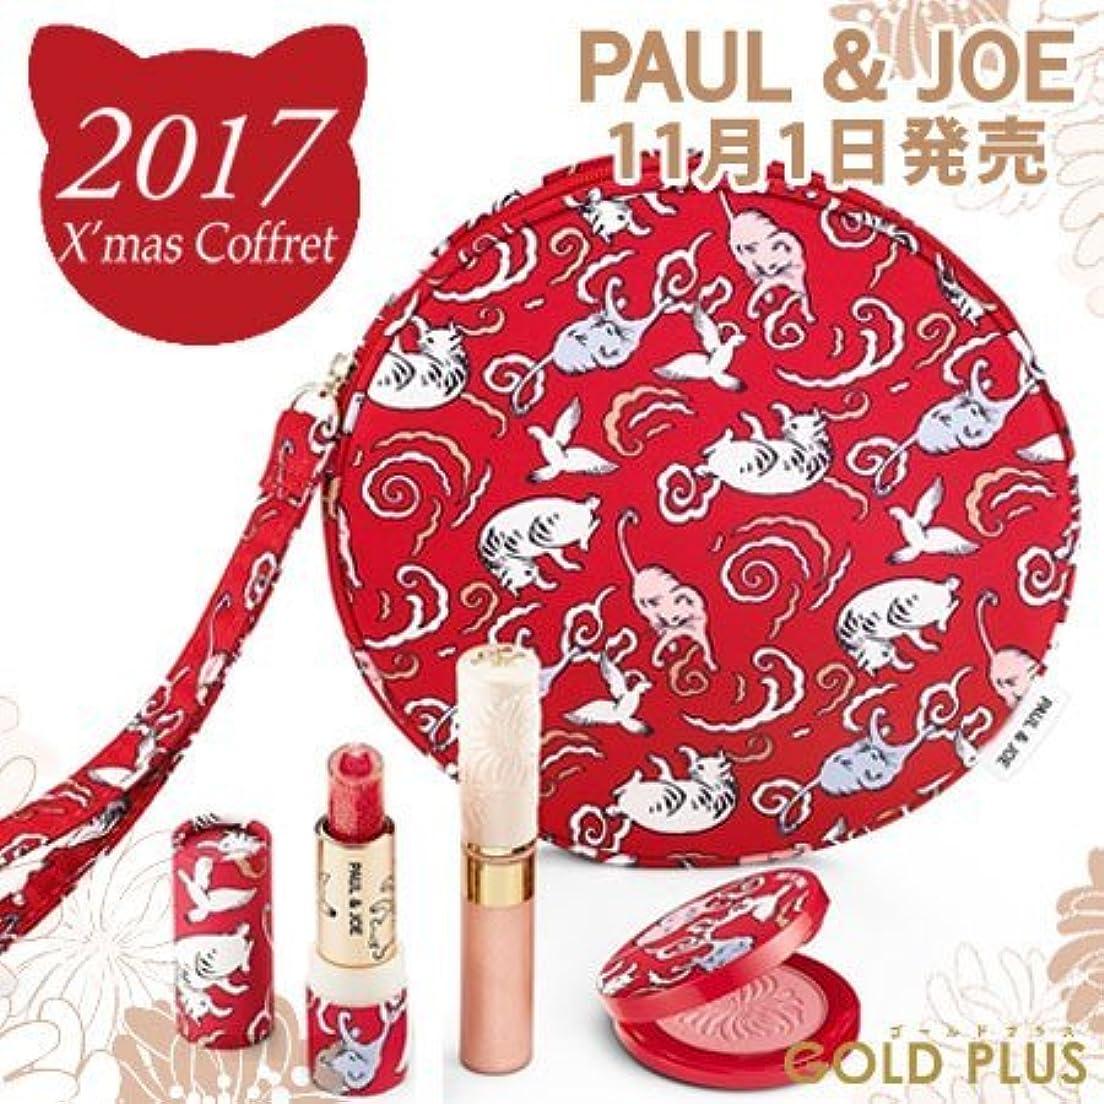 階層シュリンク謎ポール&ジョー メイクアップ コレクション 2017 【 2017 クリスマス コフレ 】限定品 -PAUL&JOE-